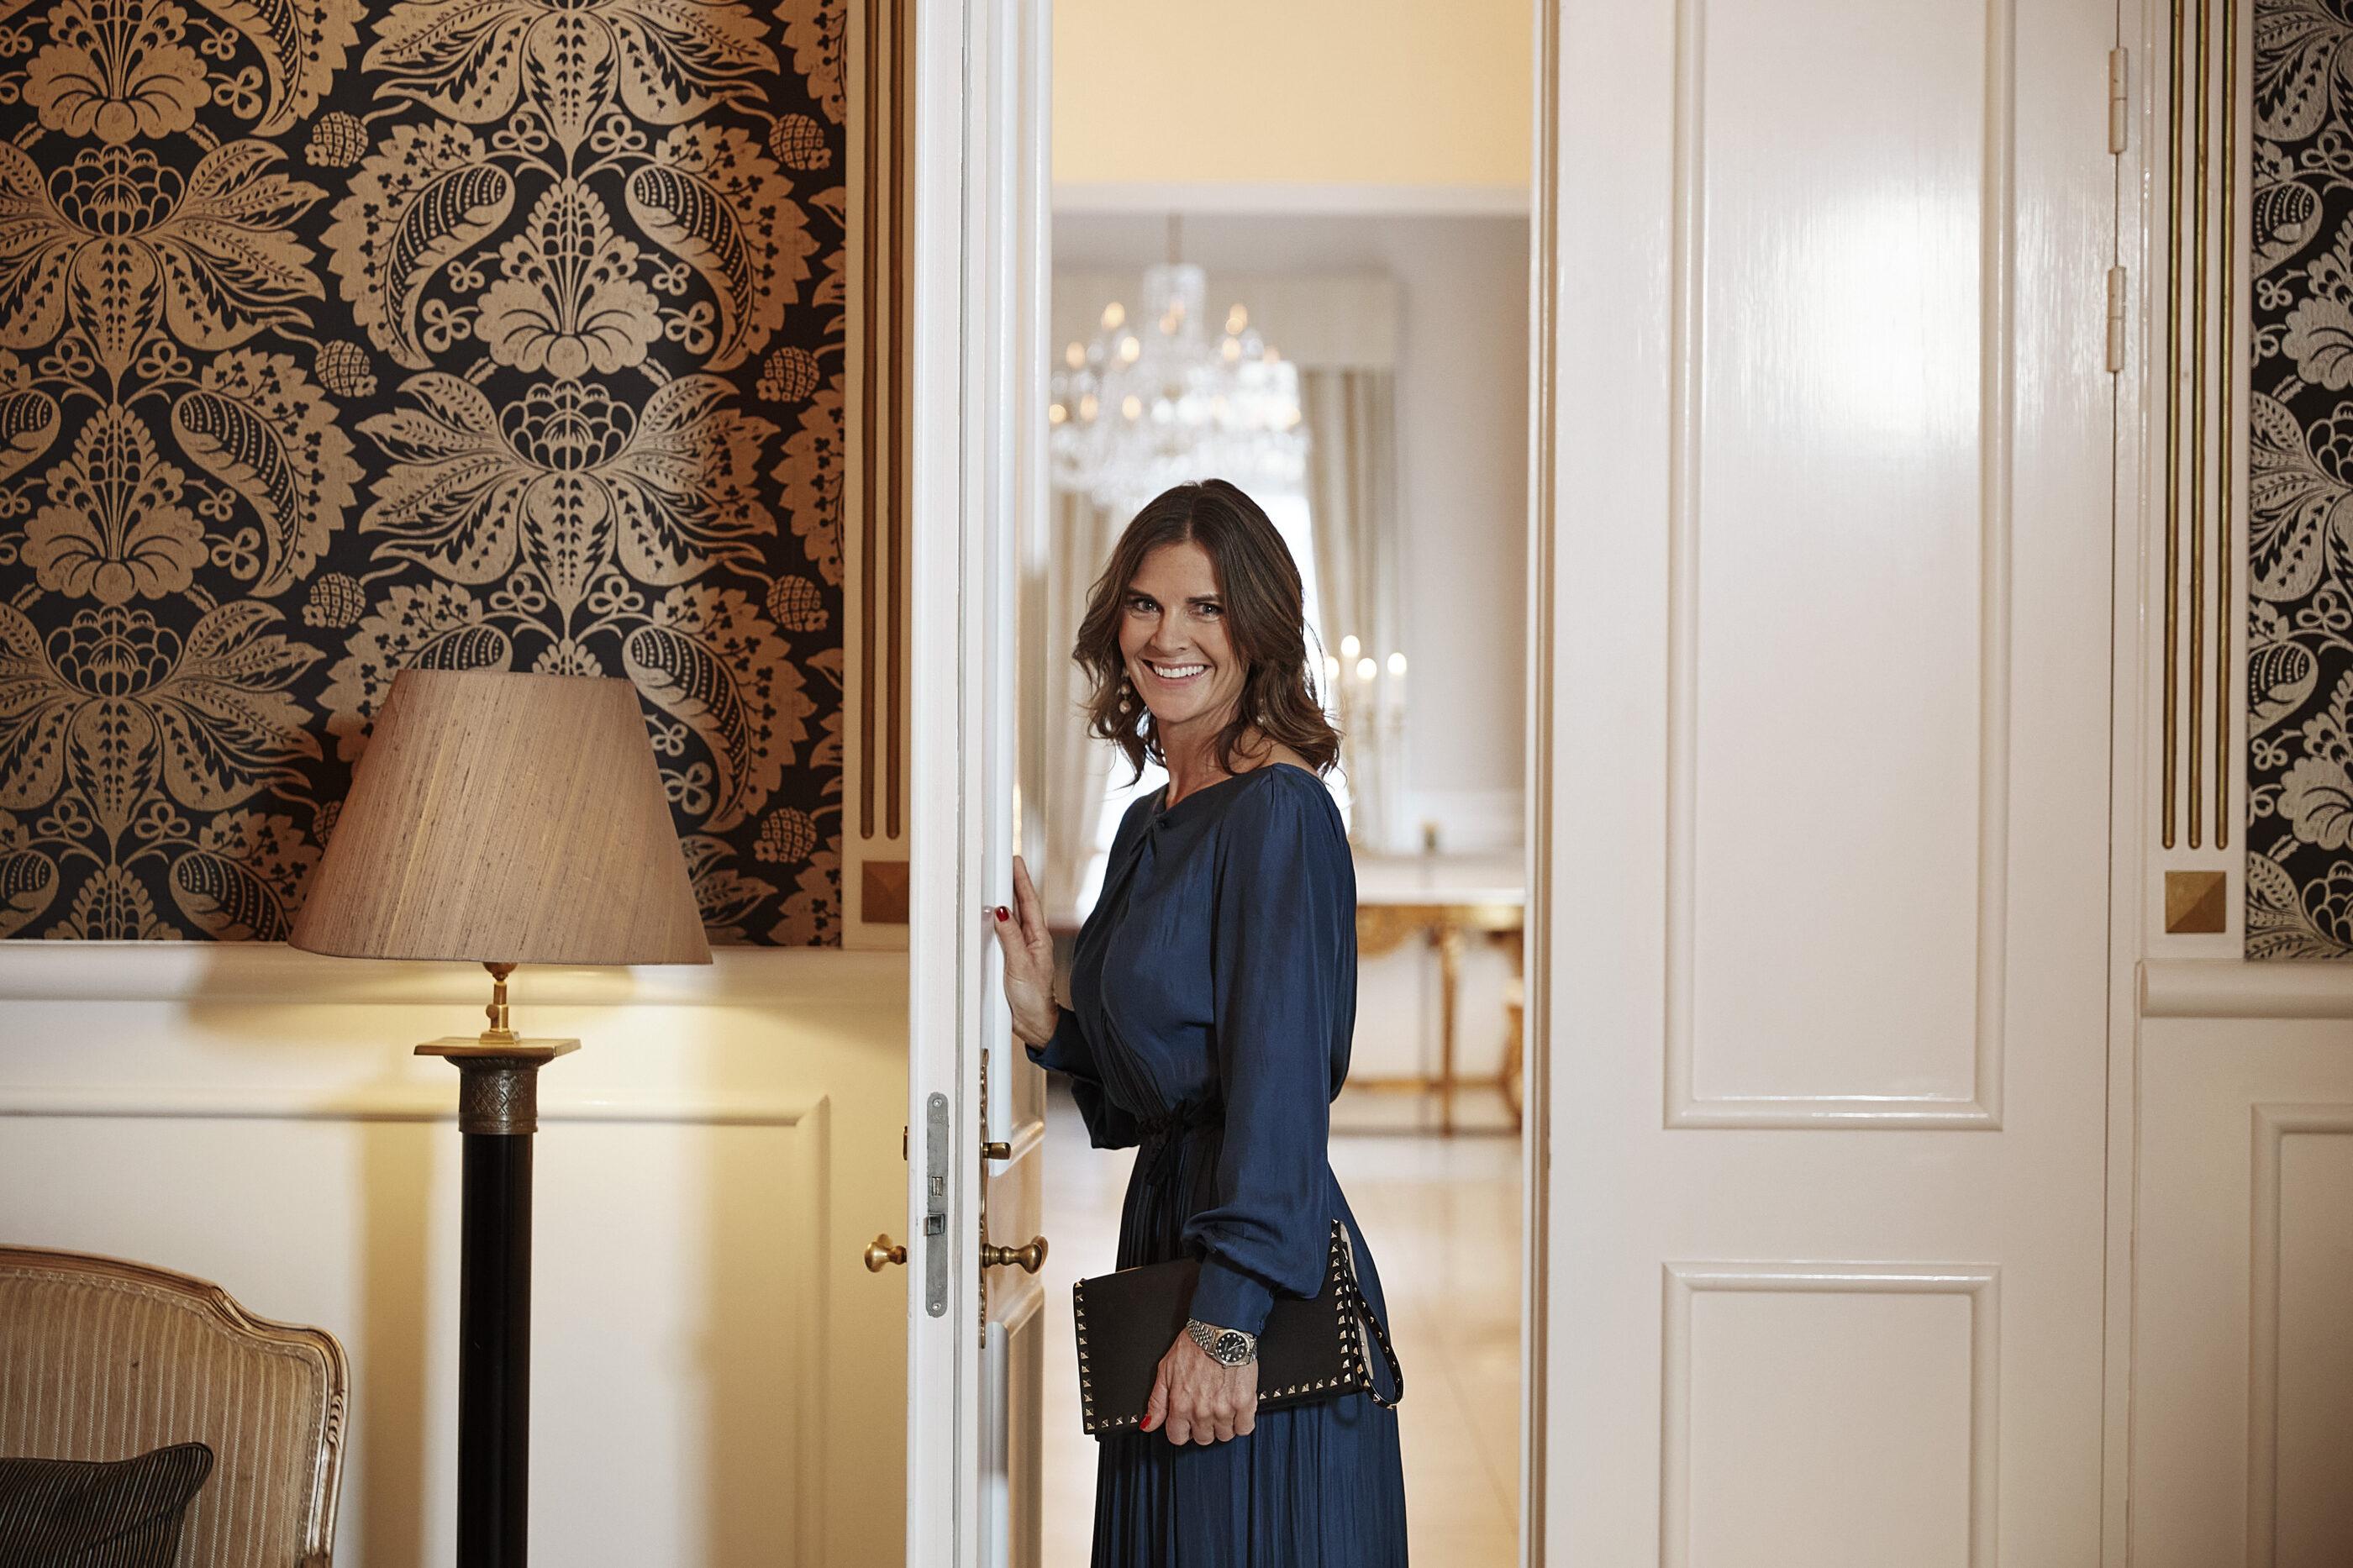 Woman standing in a doorway